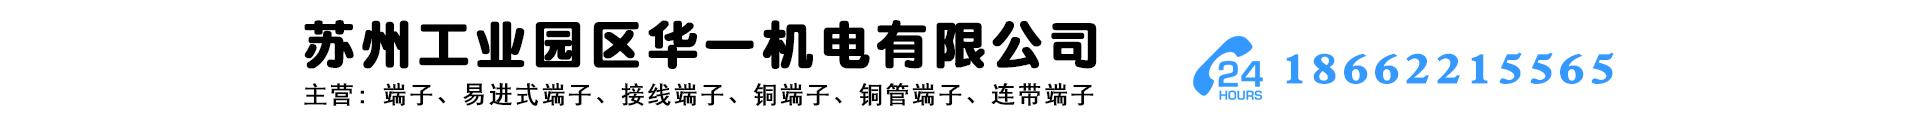 苏州工业园区华一机电有限公司